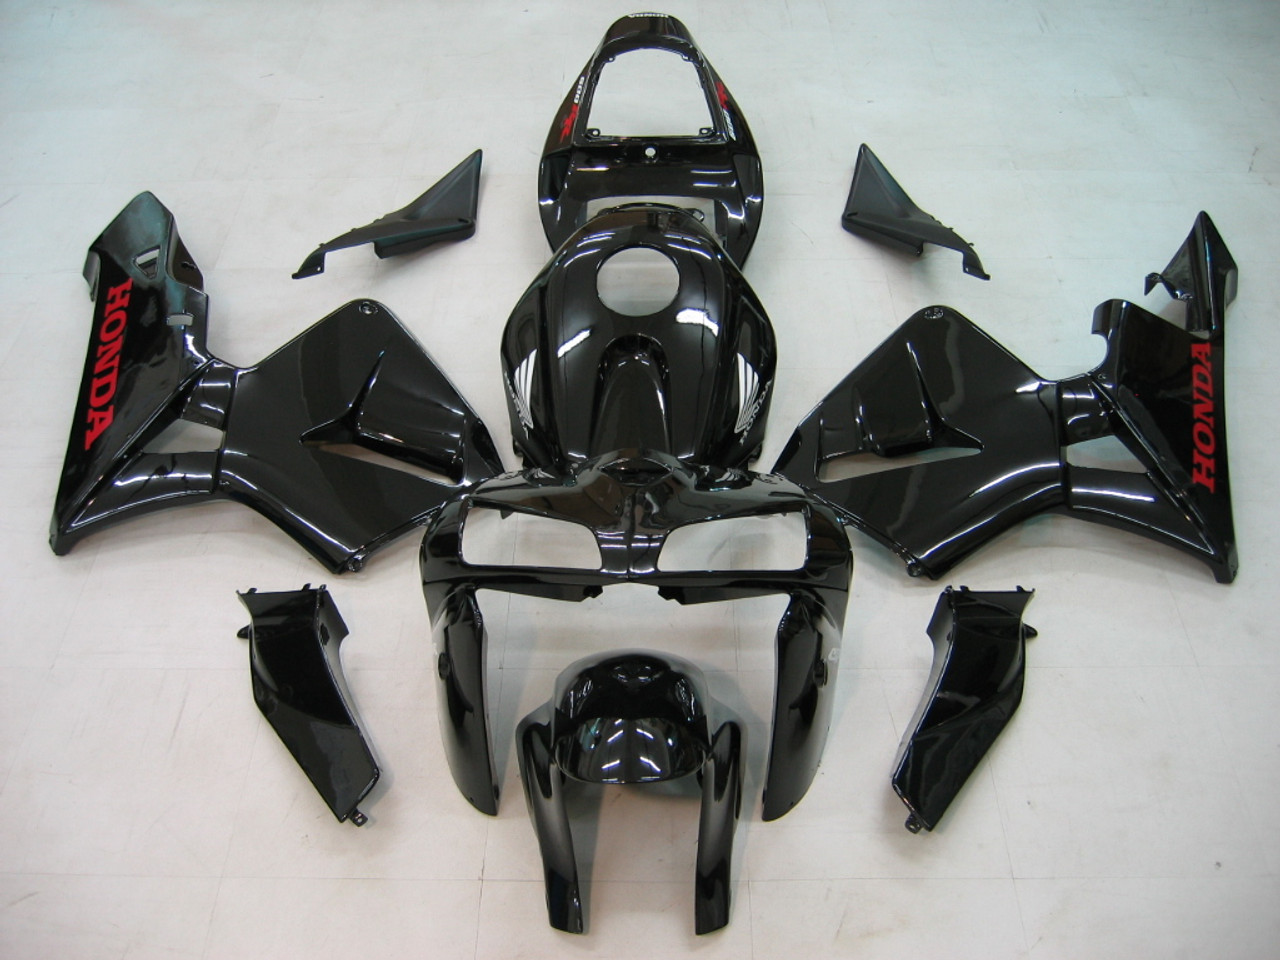 Fairings Honda CBR 600 RR Black Honda Racing (2005-2006)